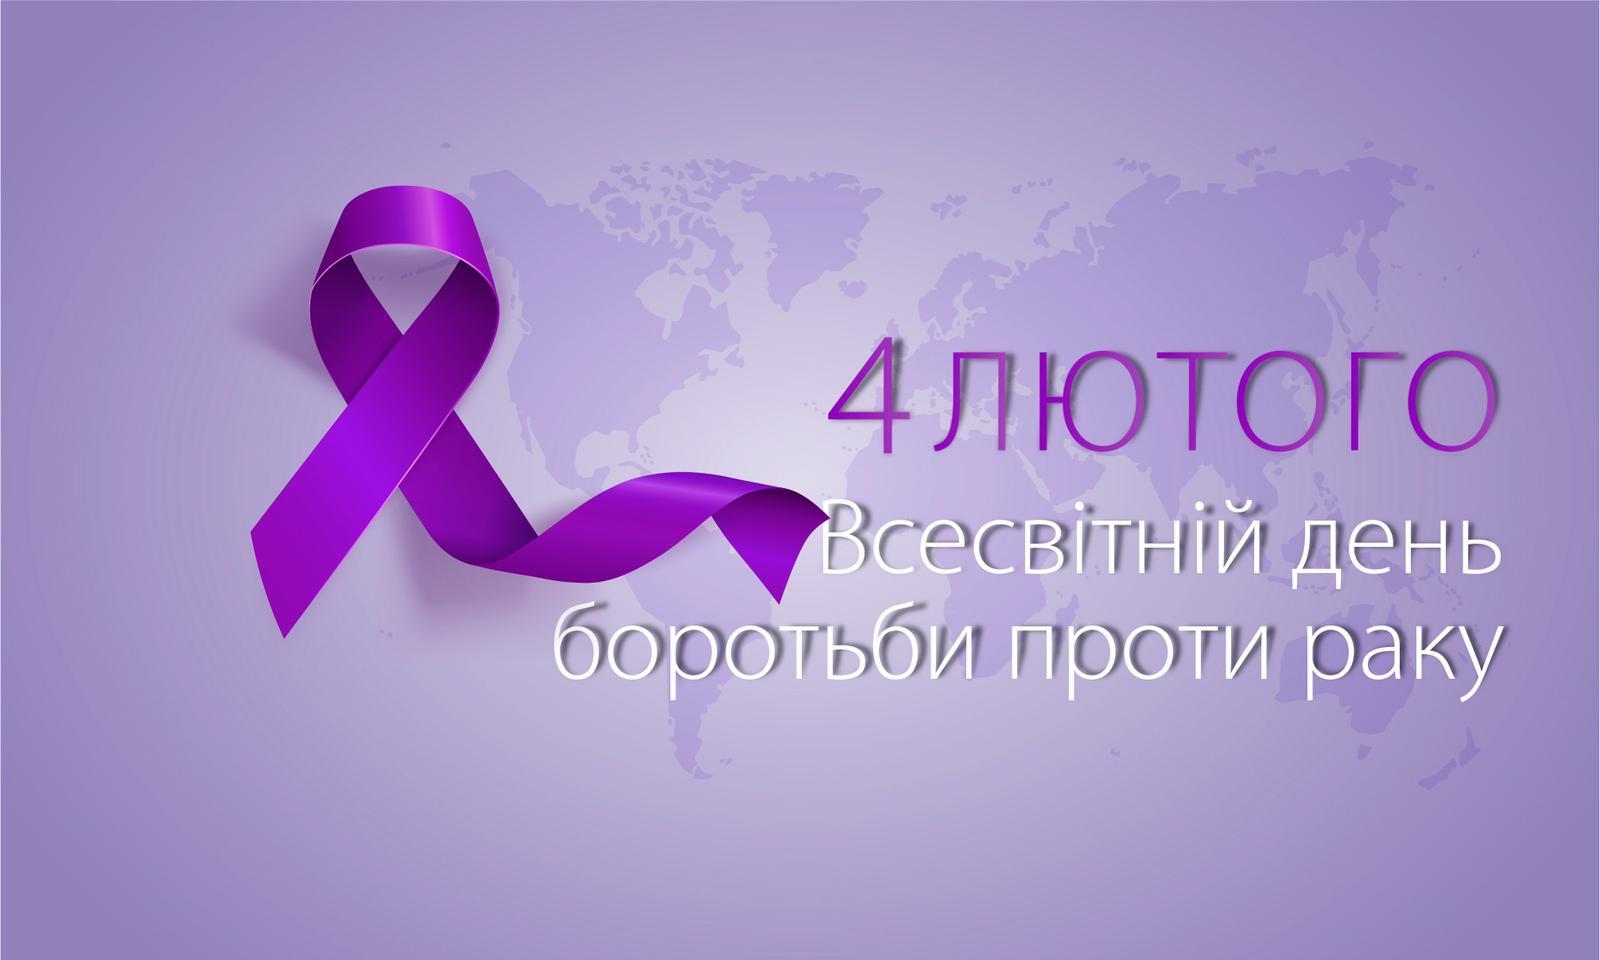 ВСЕСВІТНІЙ ДЕНЬ БОРОТЬБИ ПРОТИ РАКУ (WORLD CANCER DAY) — «Я Є І БУДУ»